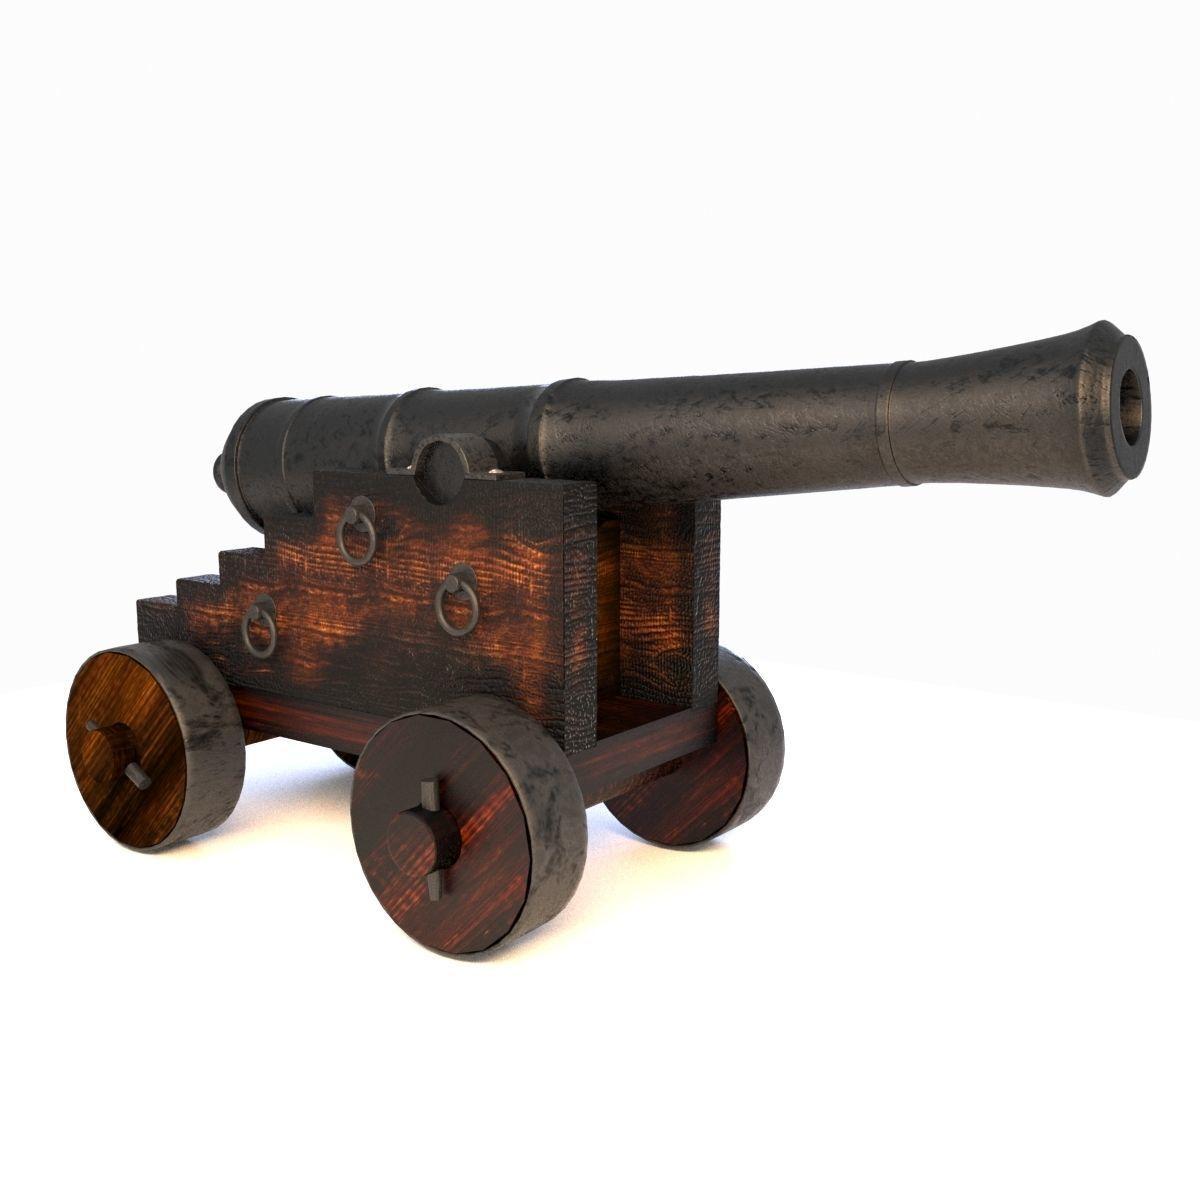 Vessel Cannon Pirate Cannon